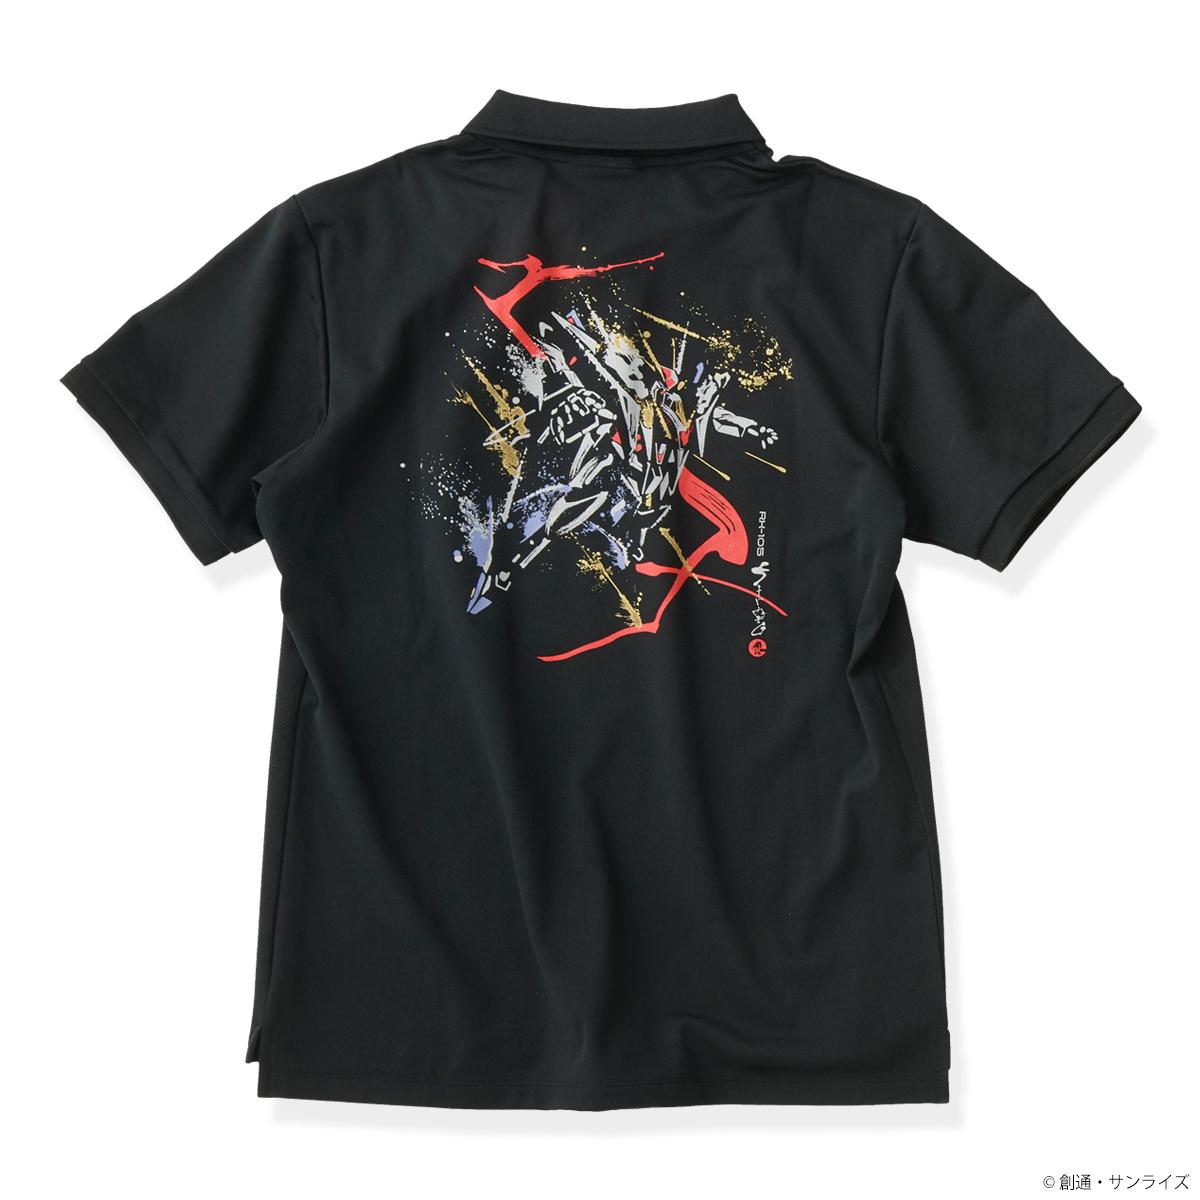 STRICT-G JAPAN 『機動戦士ガンダム 閃光のハサウェイ』 ポロシャツ 筆絵風Ξ(クスィー)ガンダム